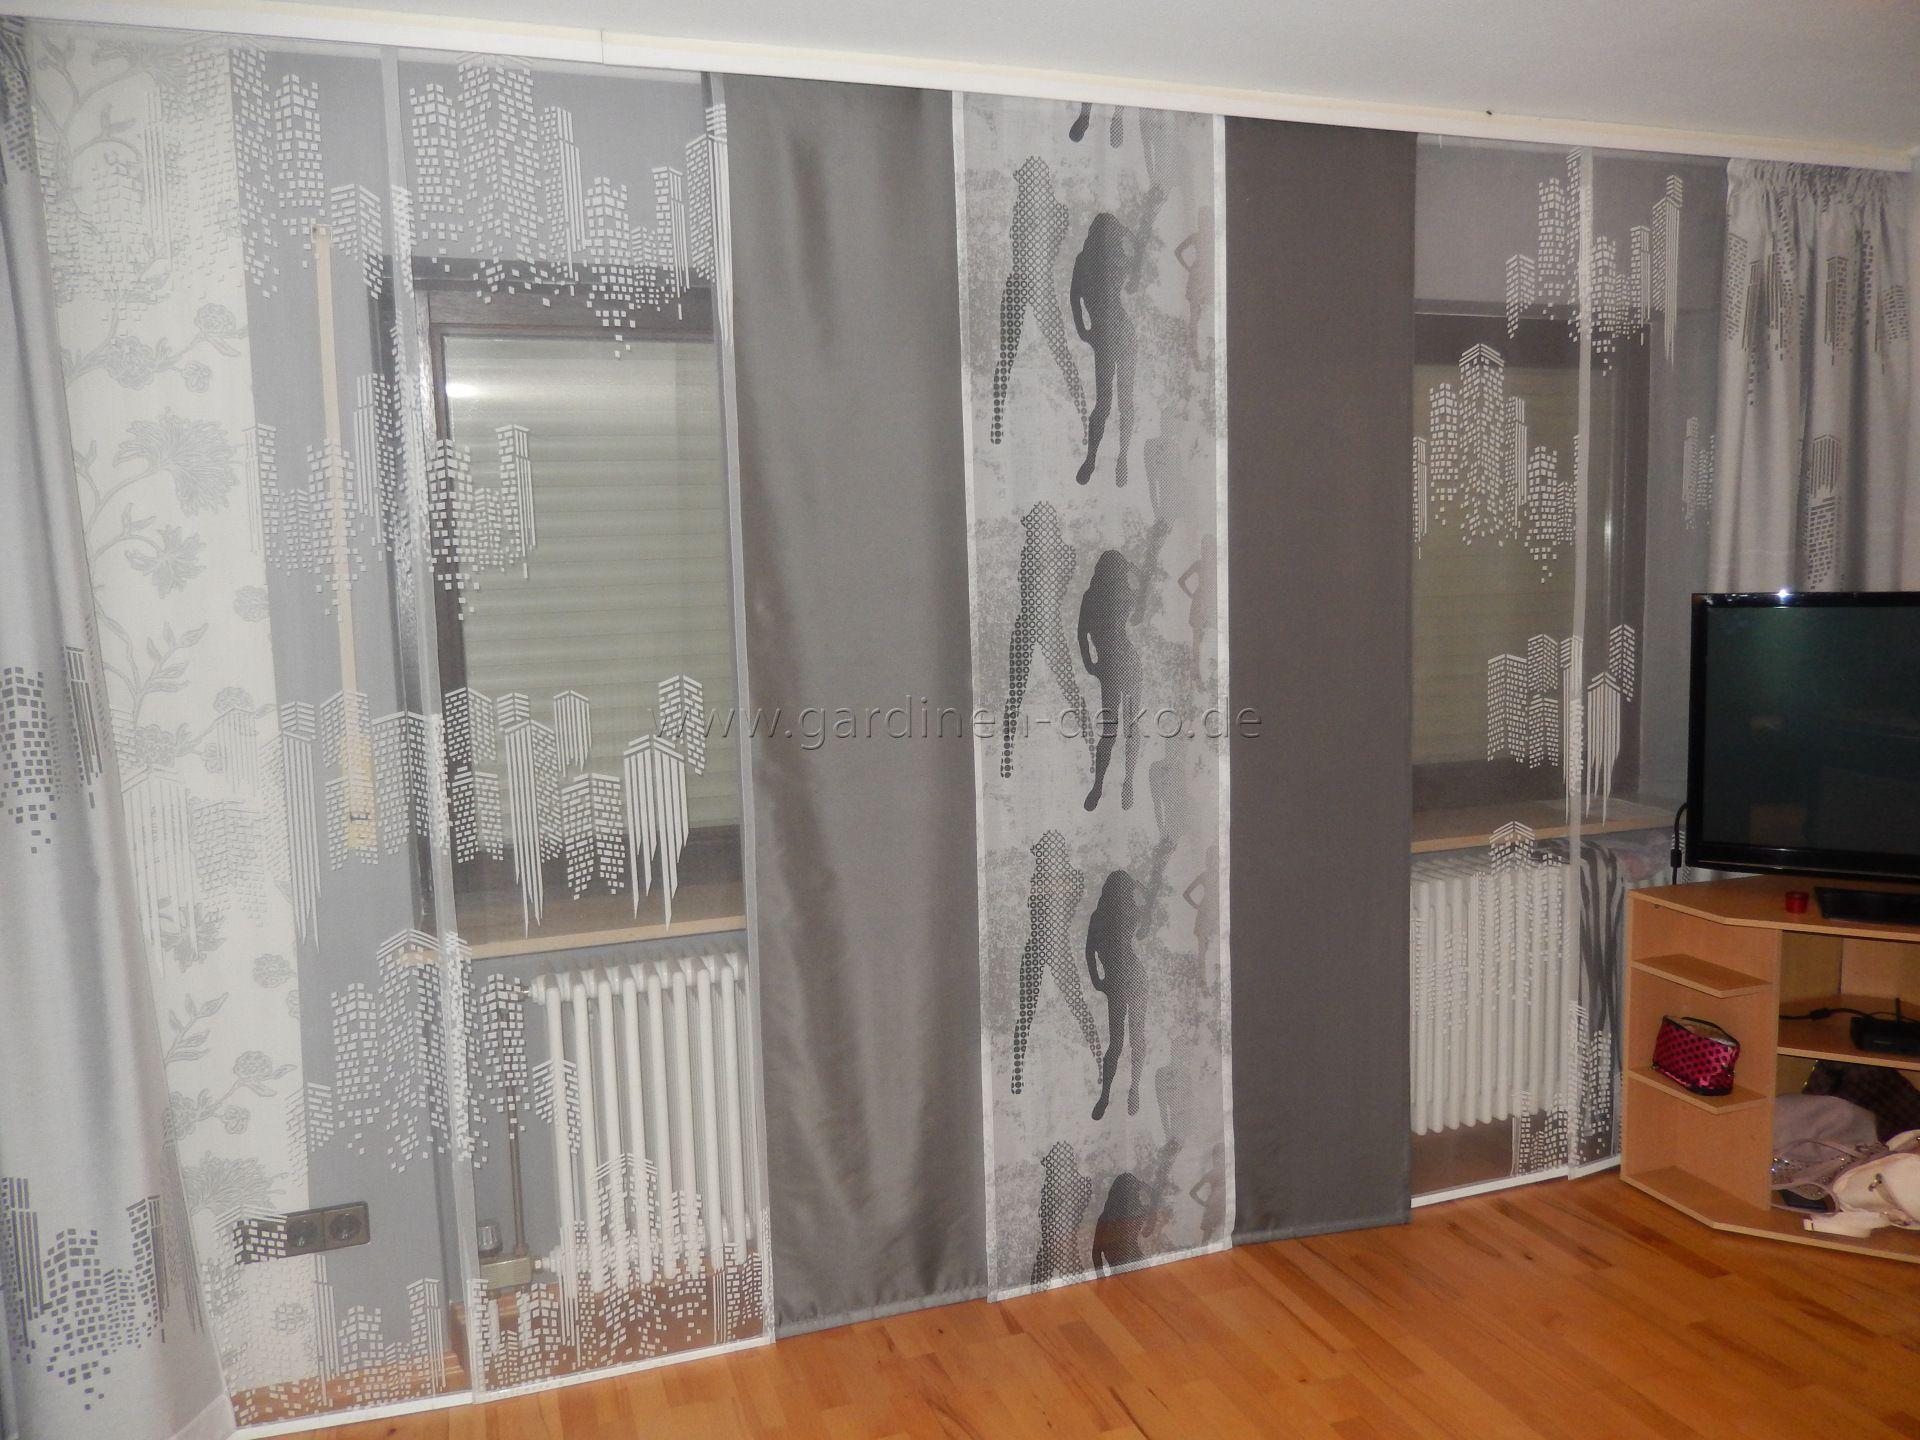 Scheibengardinen Wohnzimmer ~ Moderne weiß graue schiebegardine fürs wohnzimmer mit